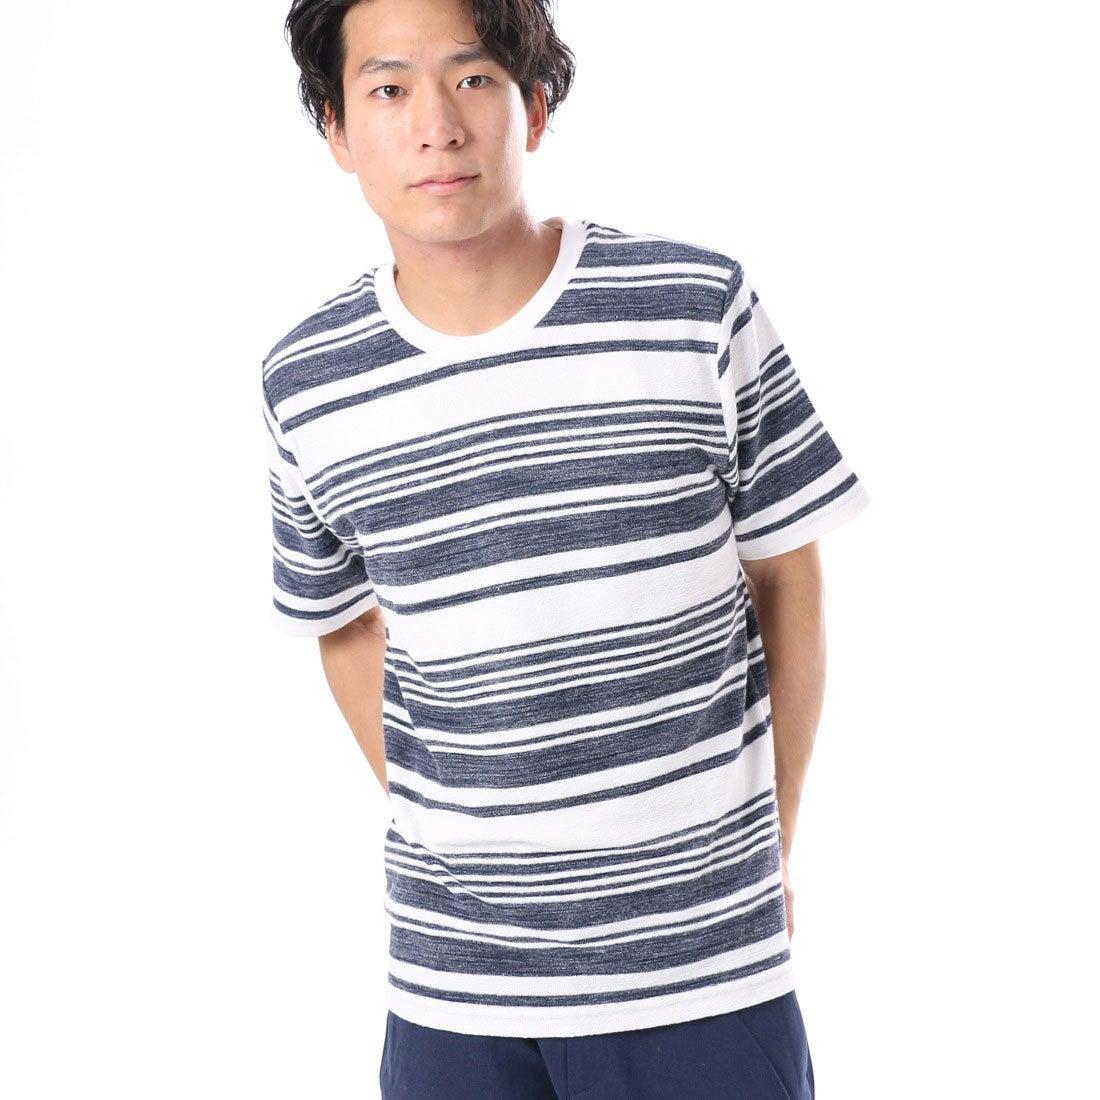 【SALE 50%OFF】コムサイズム COMME CA ISM かすれボーダーTシャツ (ネイビー)